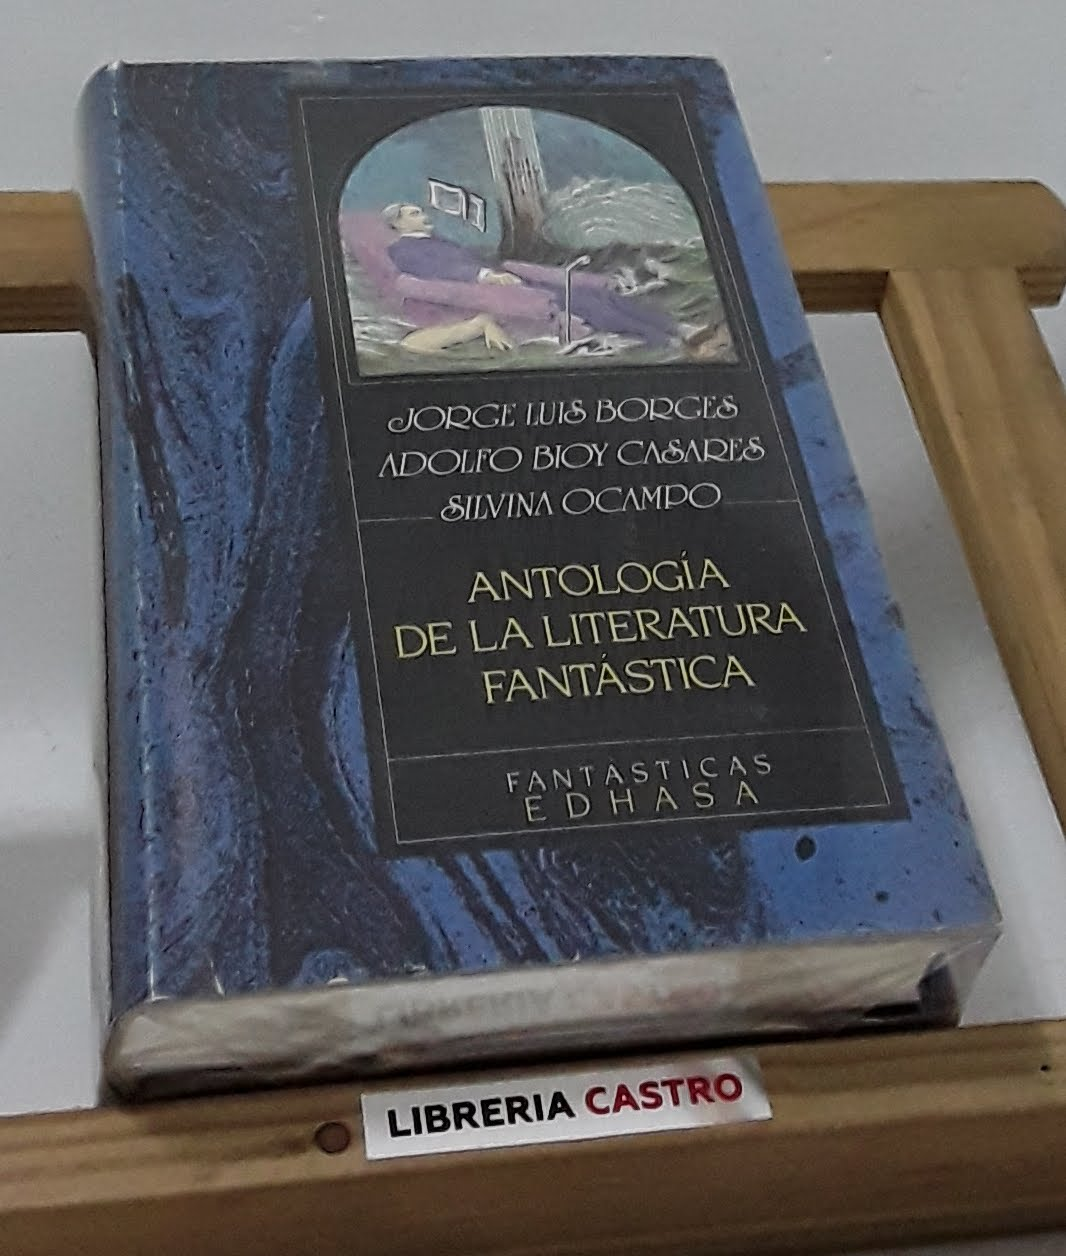 Antología De La Literatura Fantástica By Jorge Luis Borges Adolfo Bioy Casares Y Silvina Ocampo Librería Castro